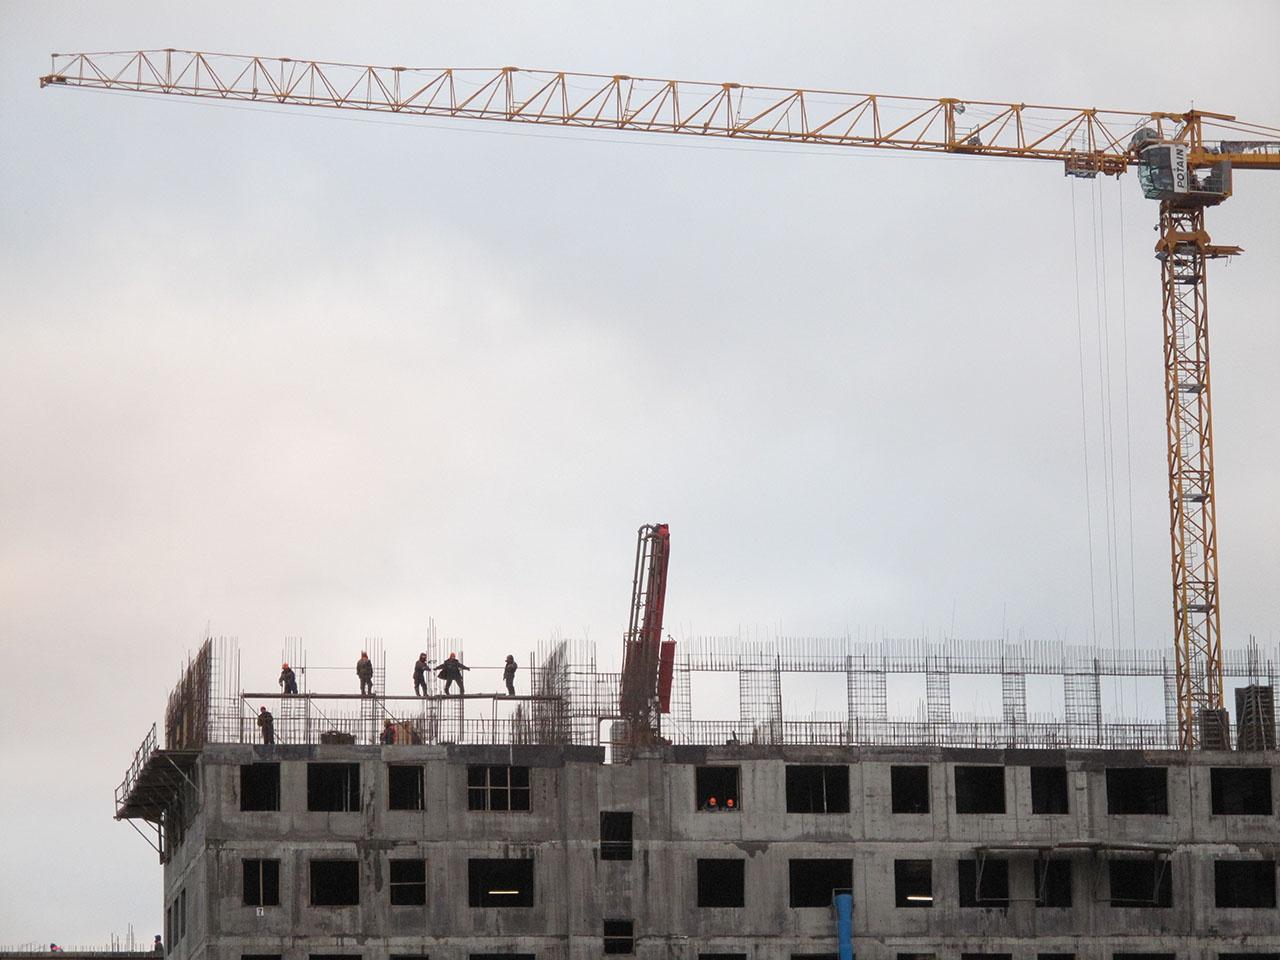 Первыми взлетело в стоимости строительство жилых и нежилых объектов, даже появился термин: «реактивно дорожающее жильё».